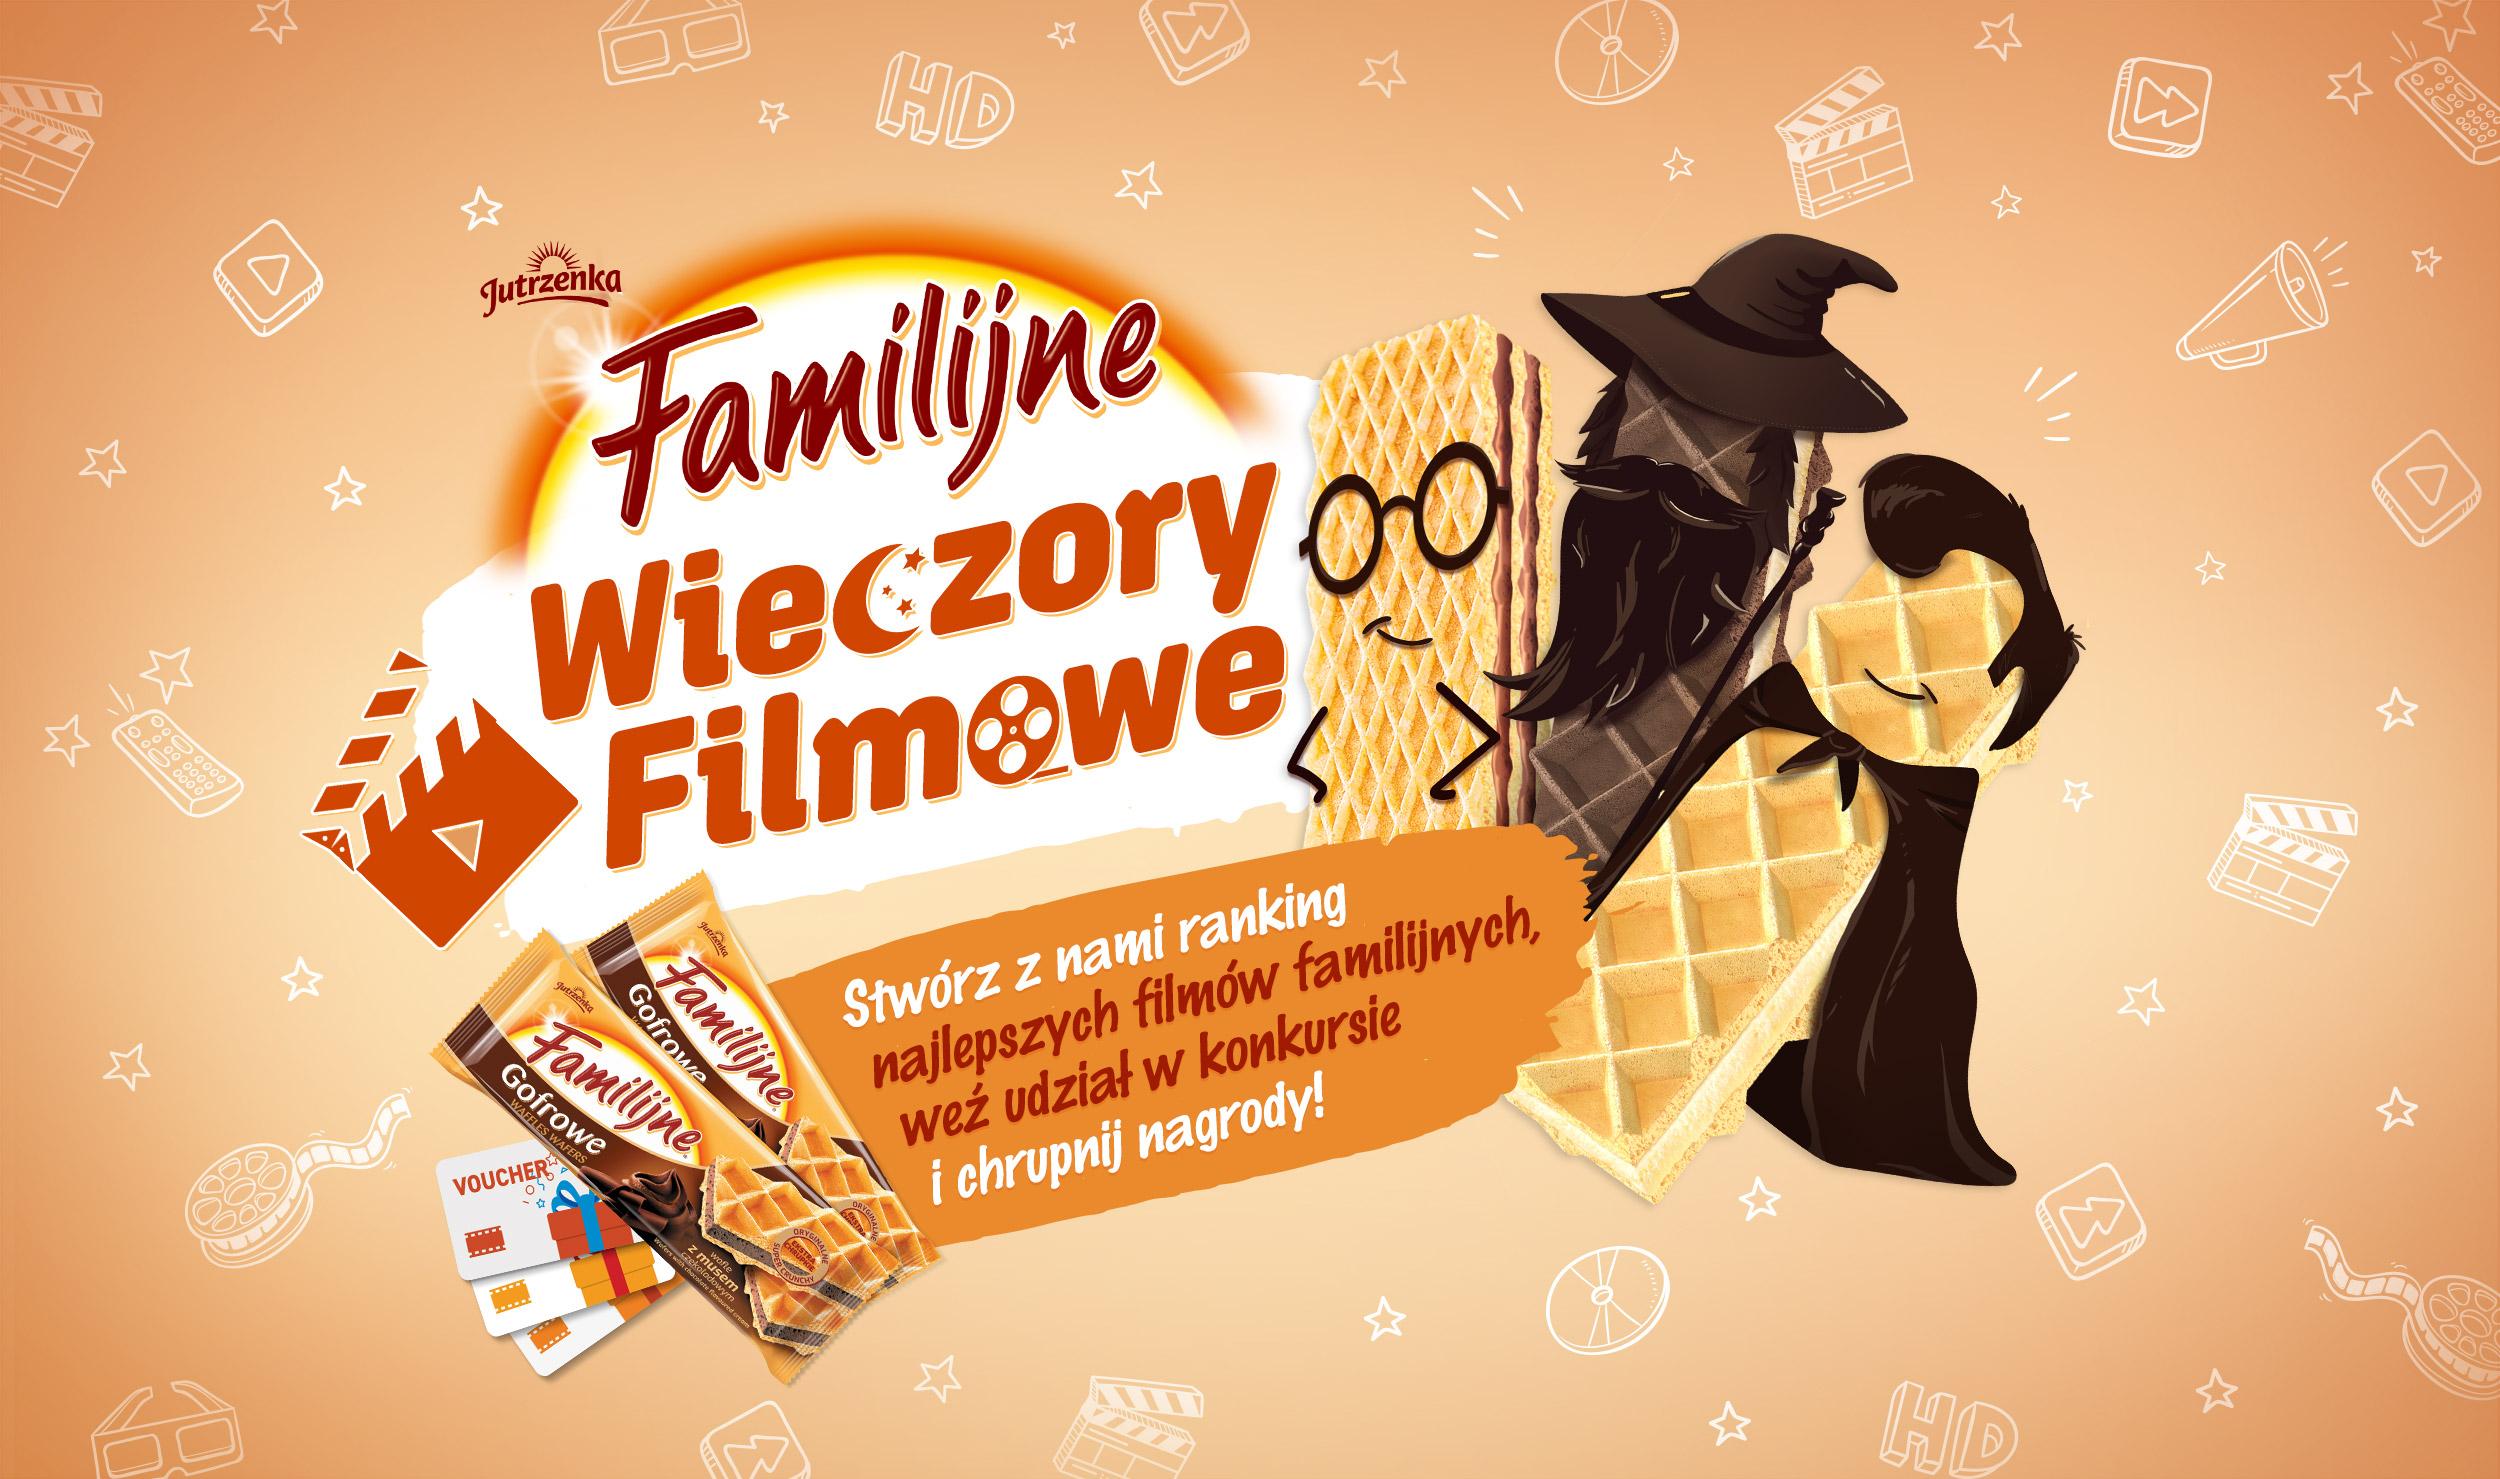 Familijne Wieczory Filmowe – ruszyła zimowa kampania Wafli Familijnych